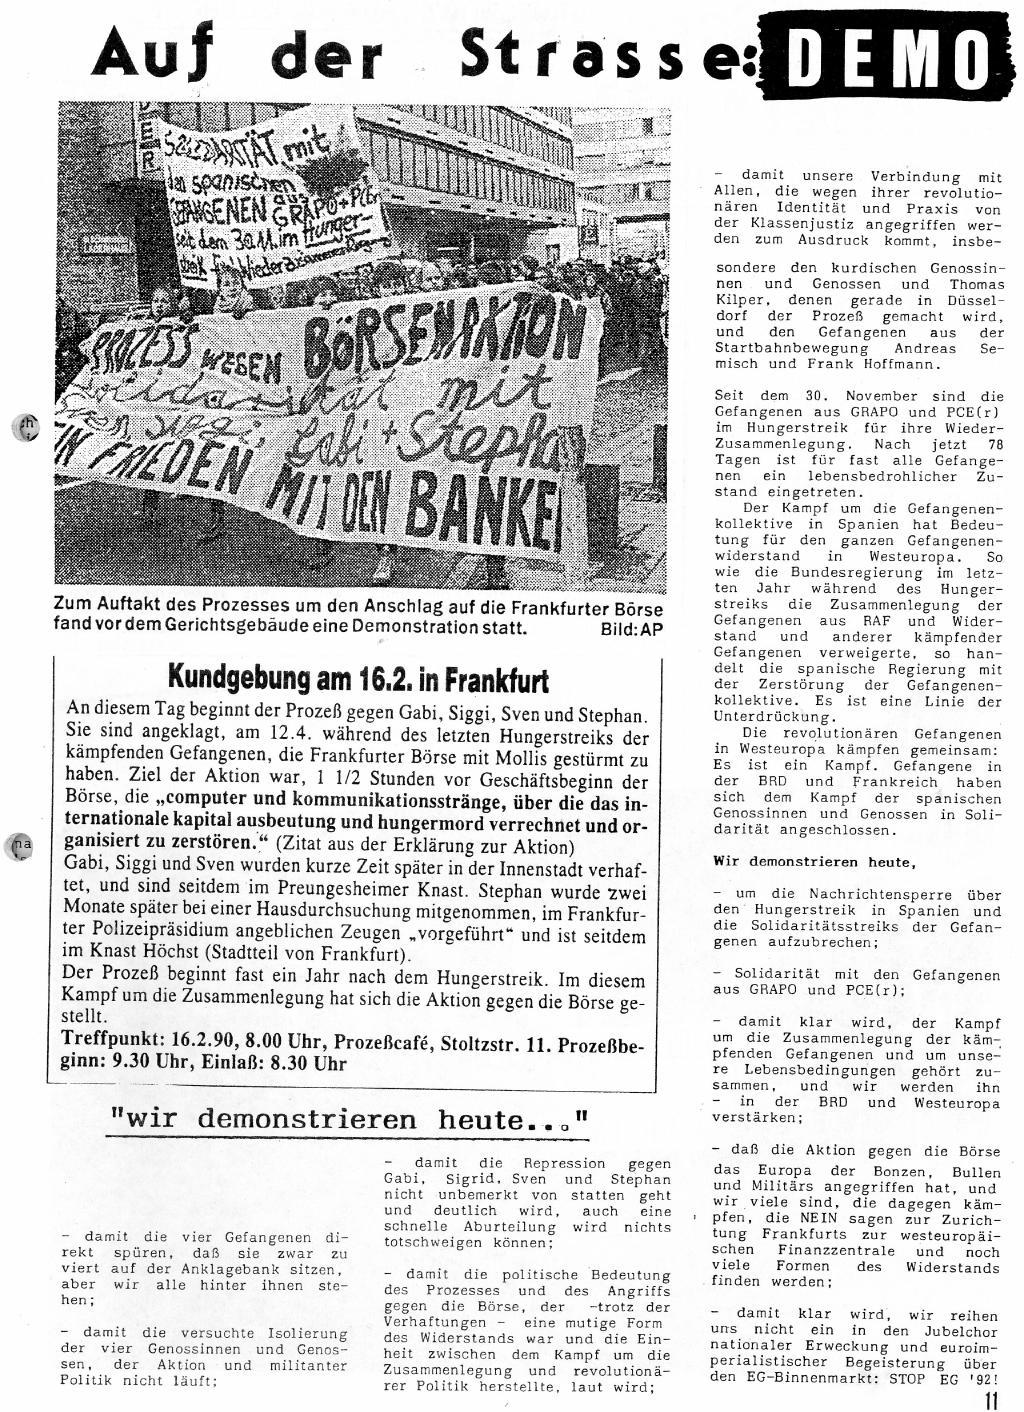 Frankfurt_Prozessinfo_Kein_Frieden_mit_den_Banken_1990_1_2_11